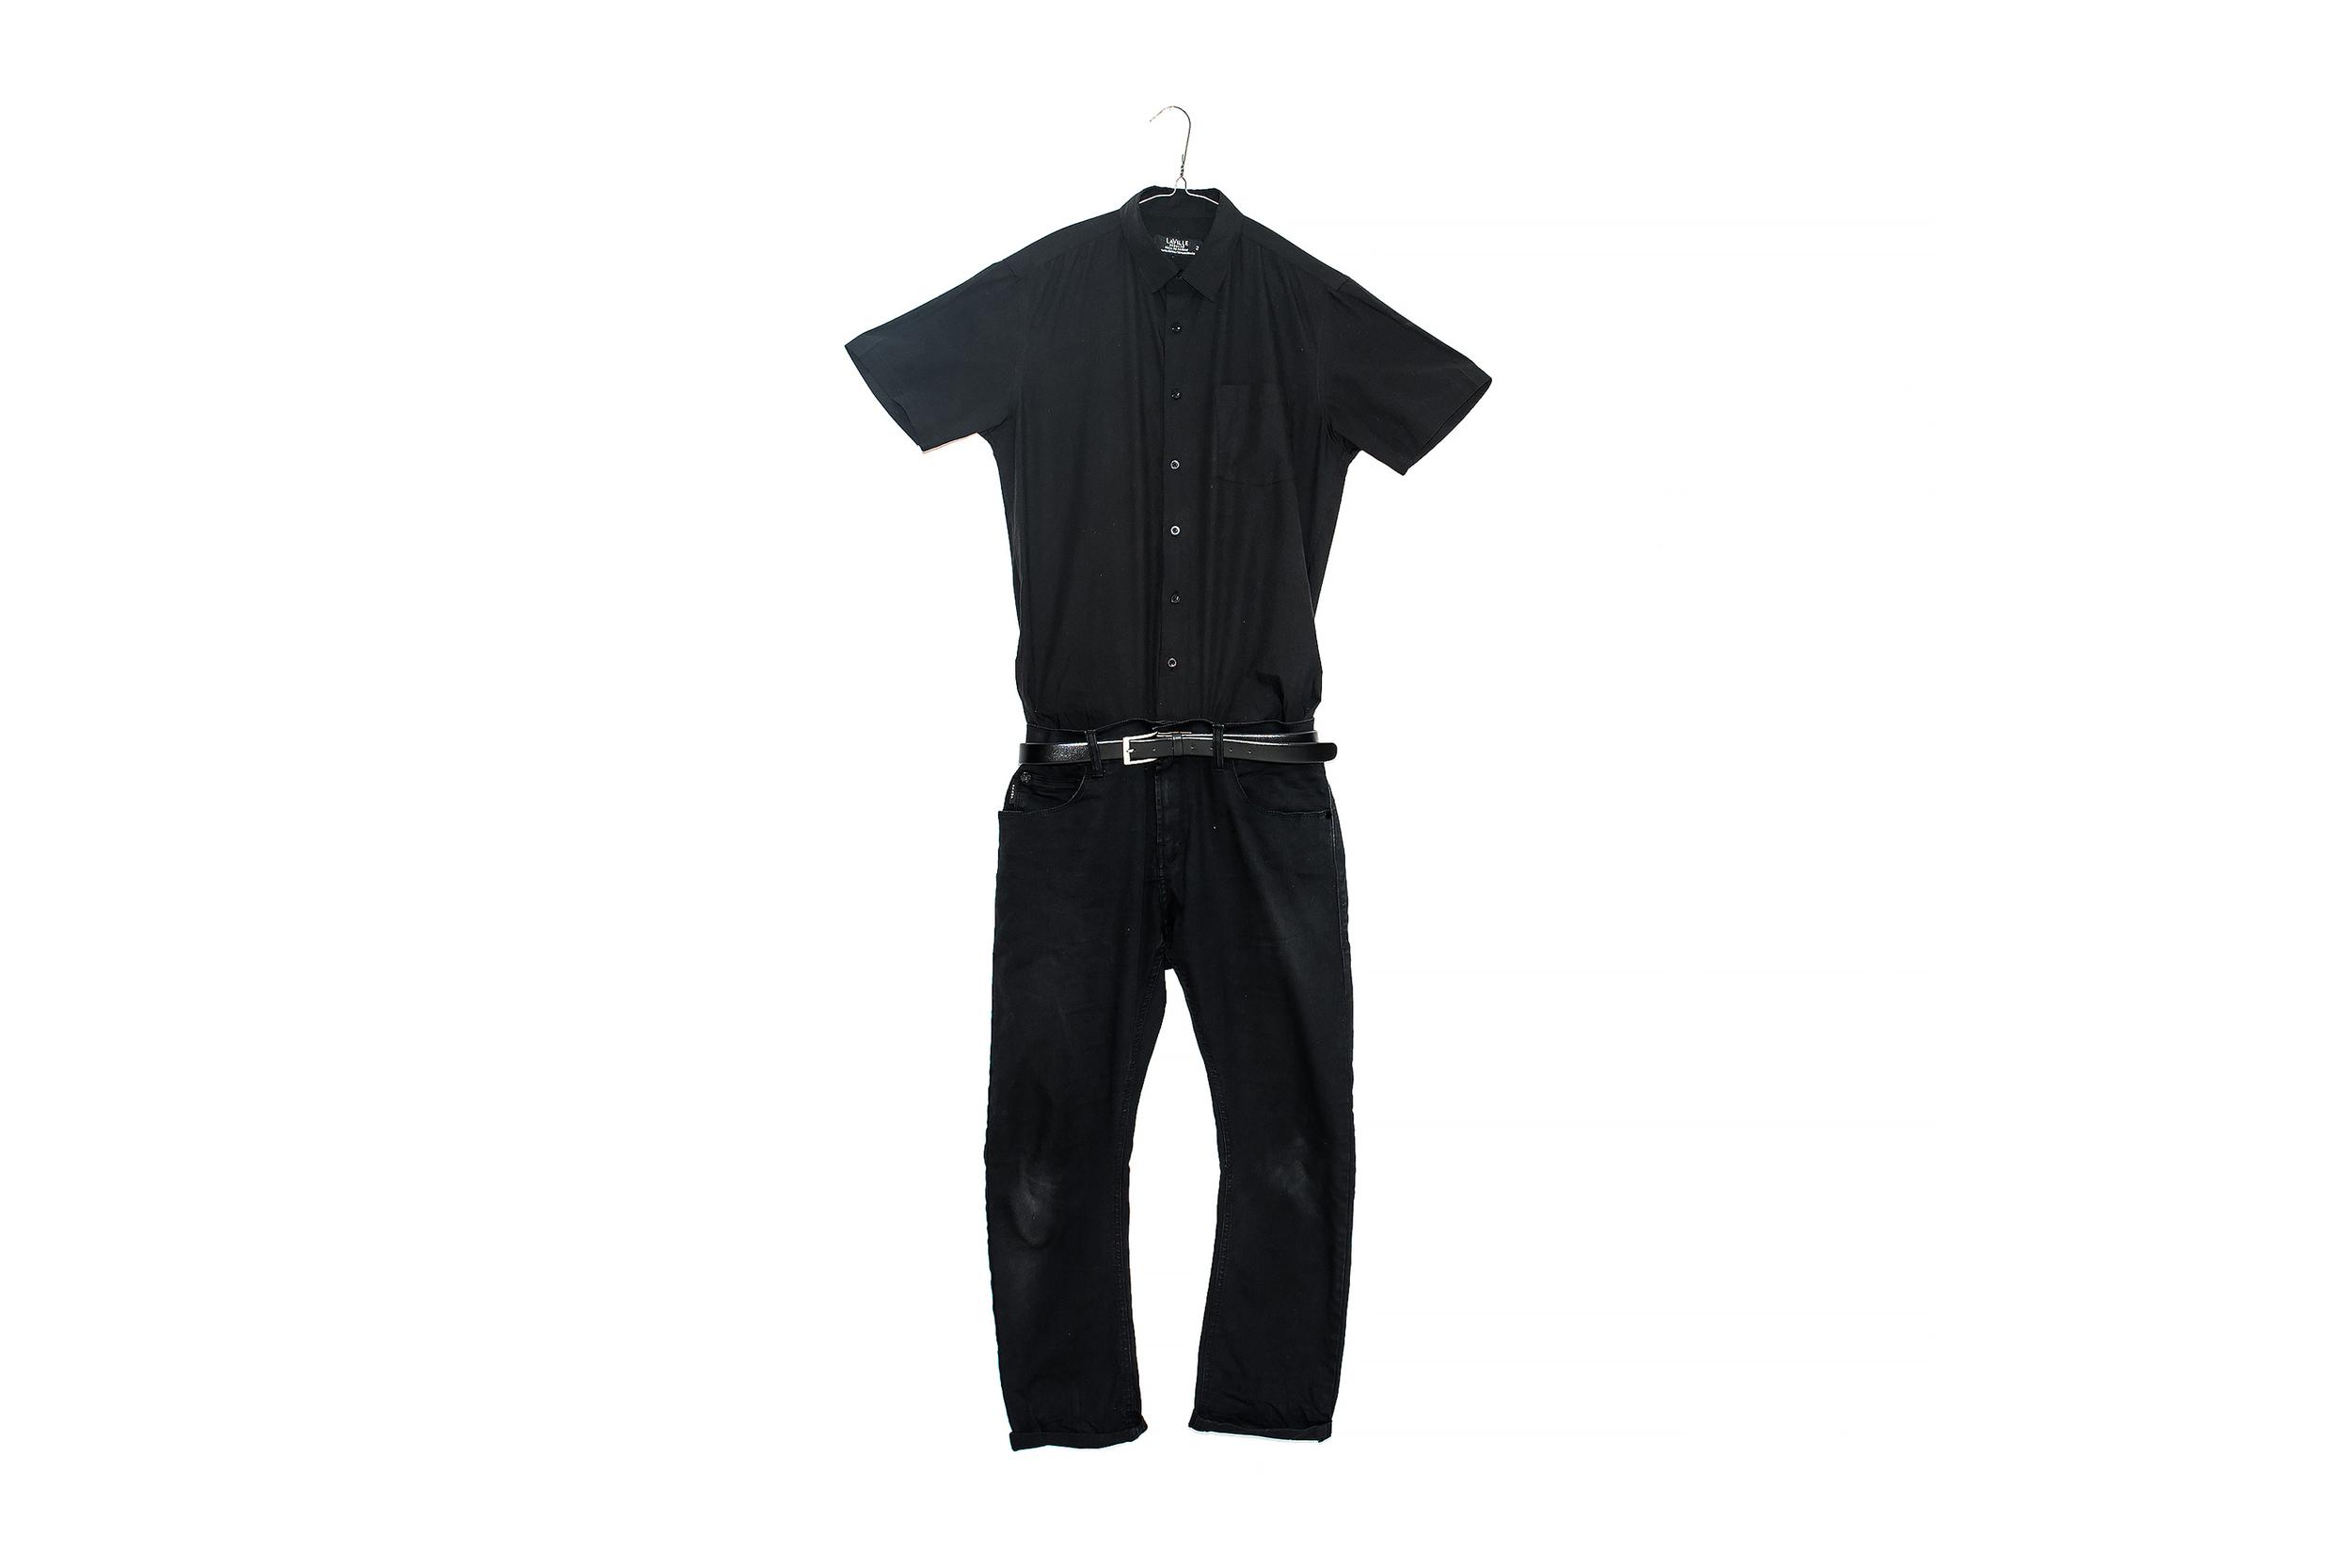 TerraComunal_Clothes-4.jpg